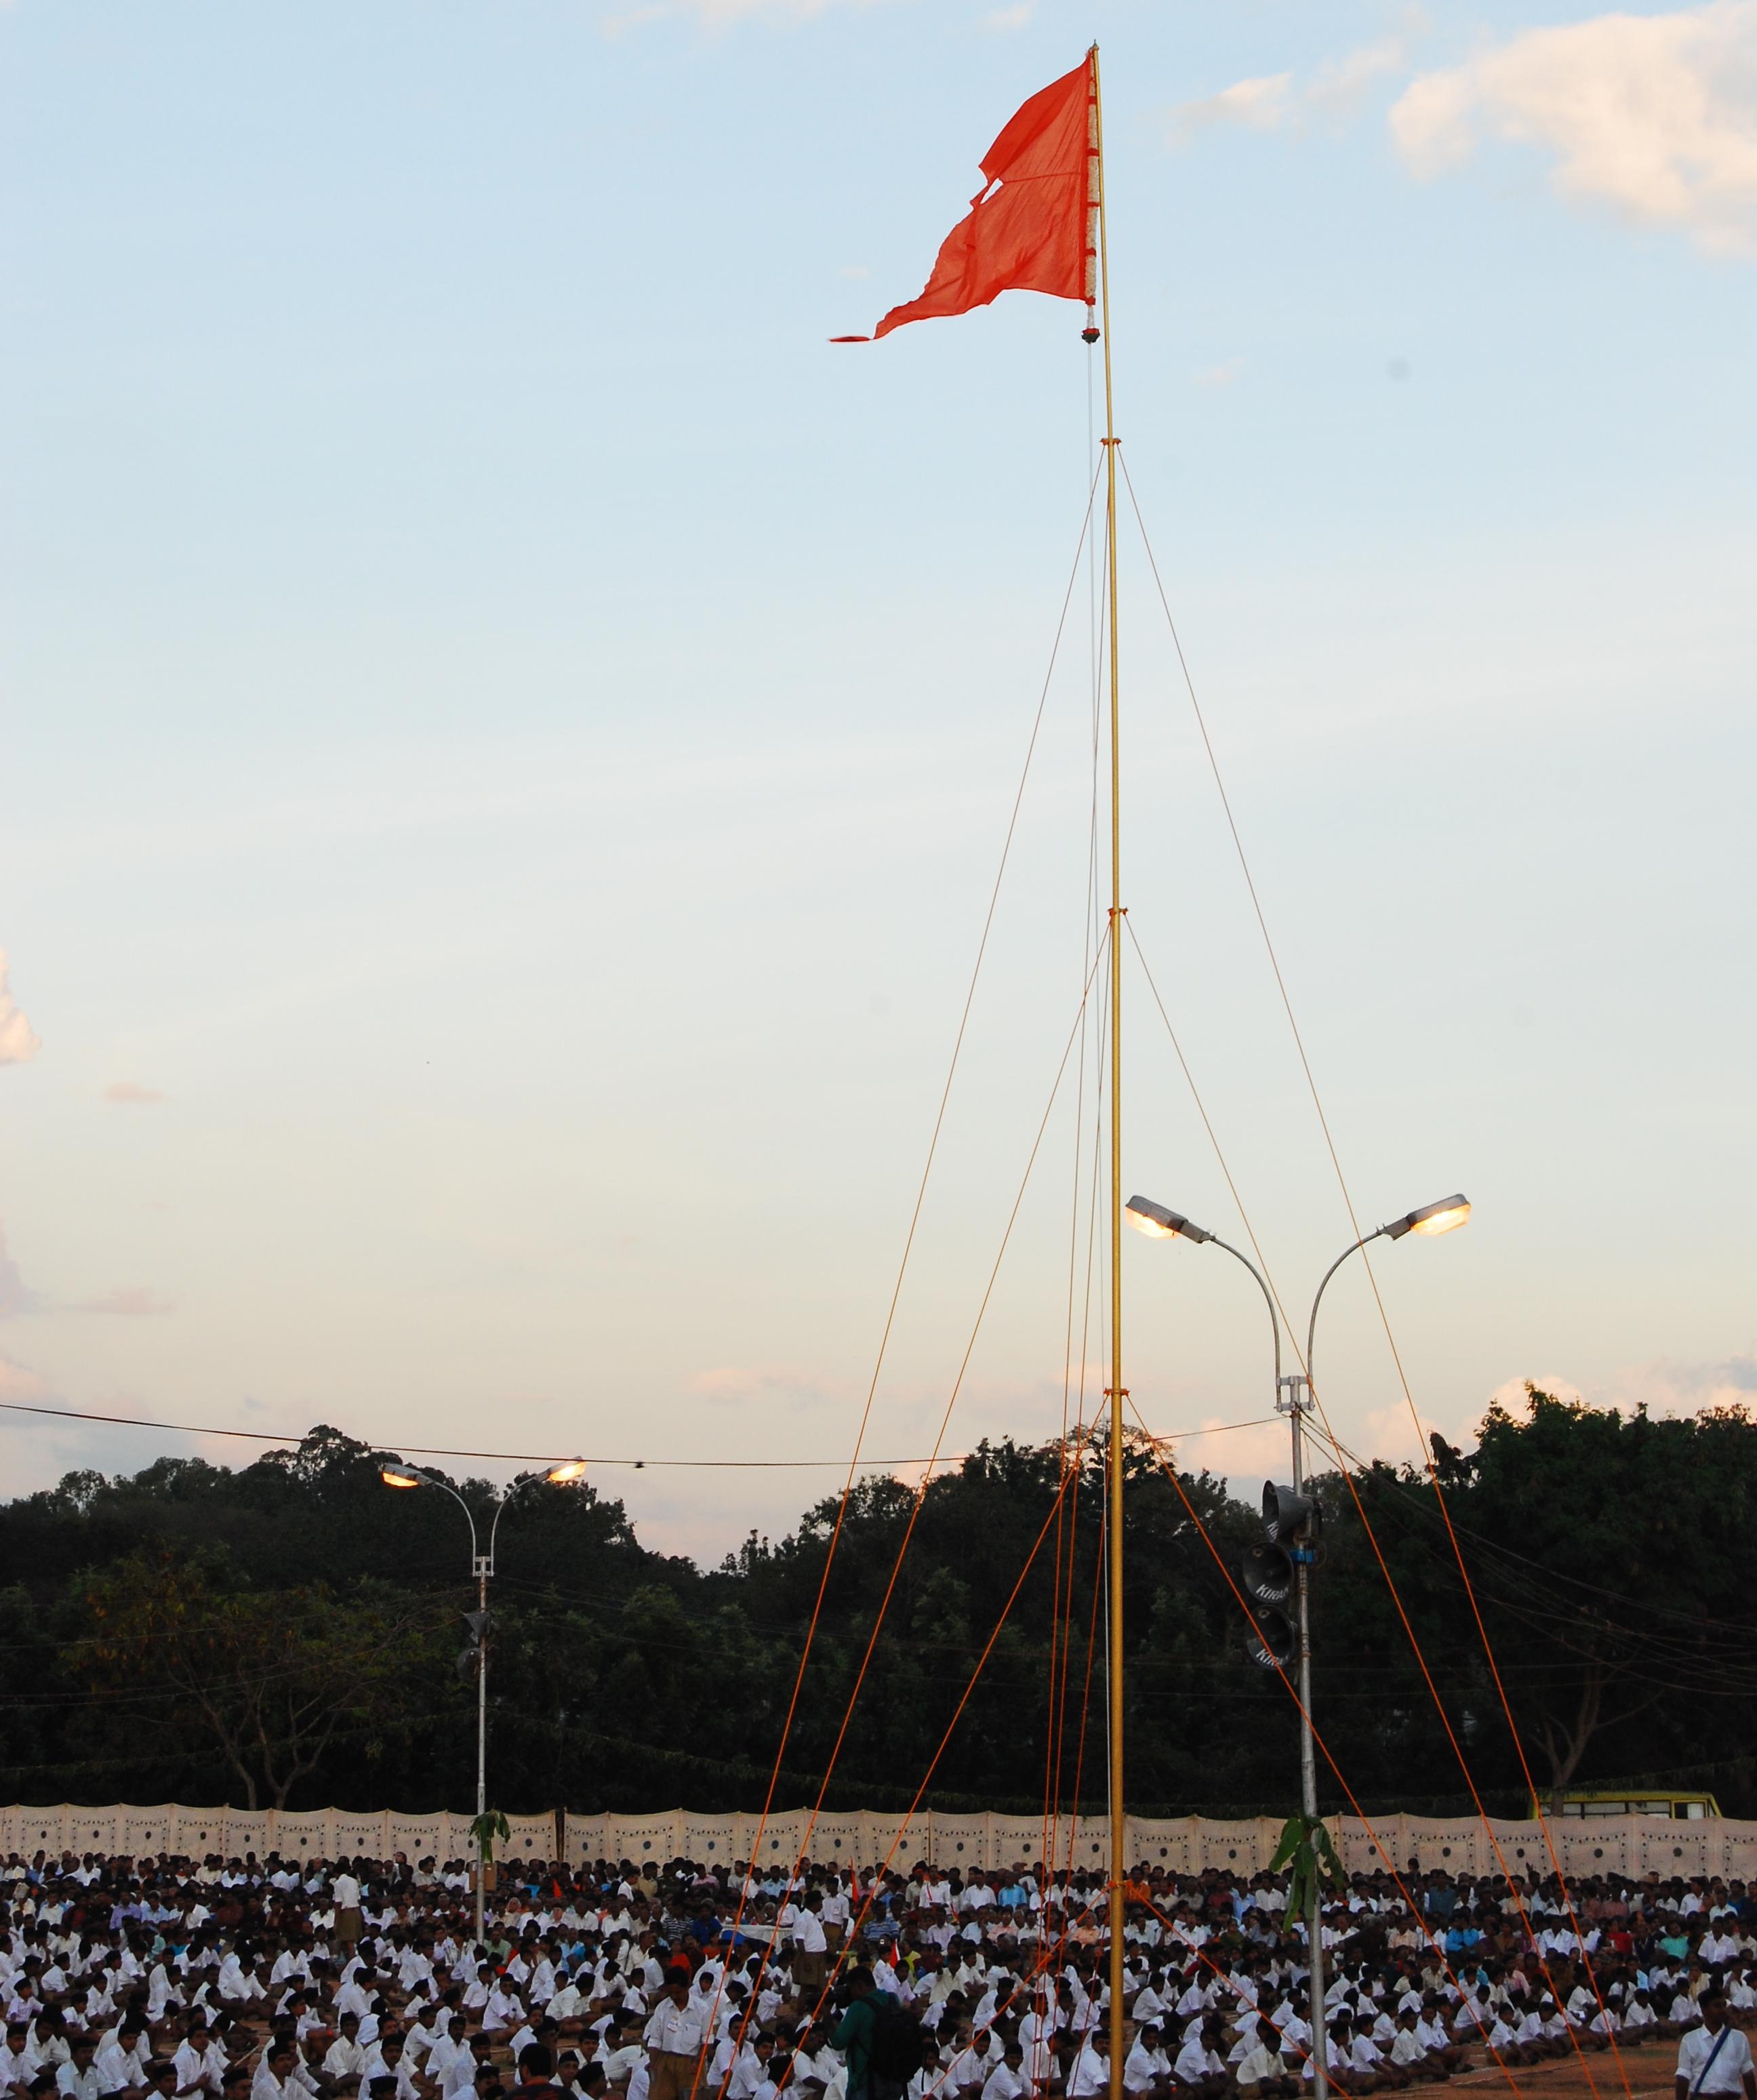 RSS to hold a nationwide protest on November 10:      ಹಿಂದು ವಿರೋಧಿ ಕೇಂದ್ರ ಸರಕಾರದ ವಿರುದ್ಧ ಆರೆಸ್ಸೆಸ್ ಪ್ರತಿಭಟನಾ ಧರಣಿ